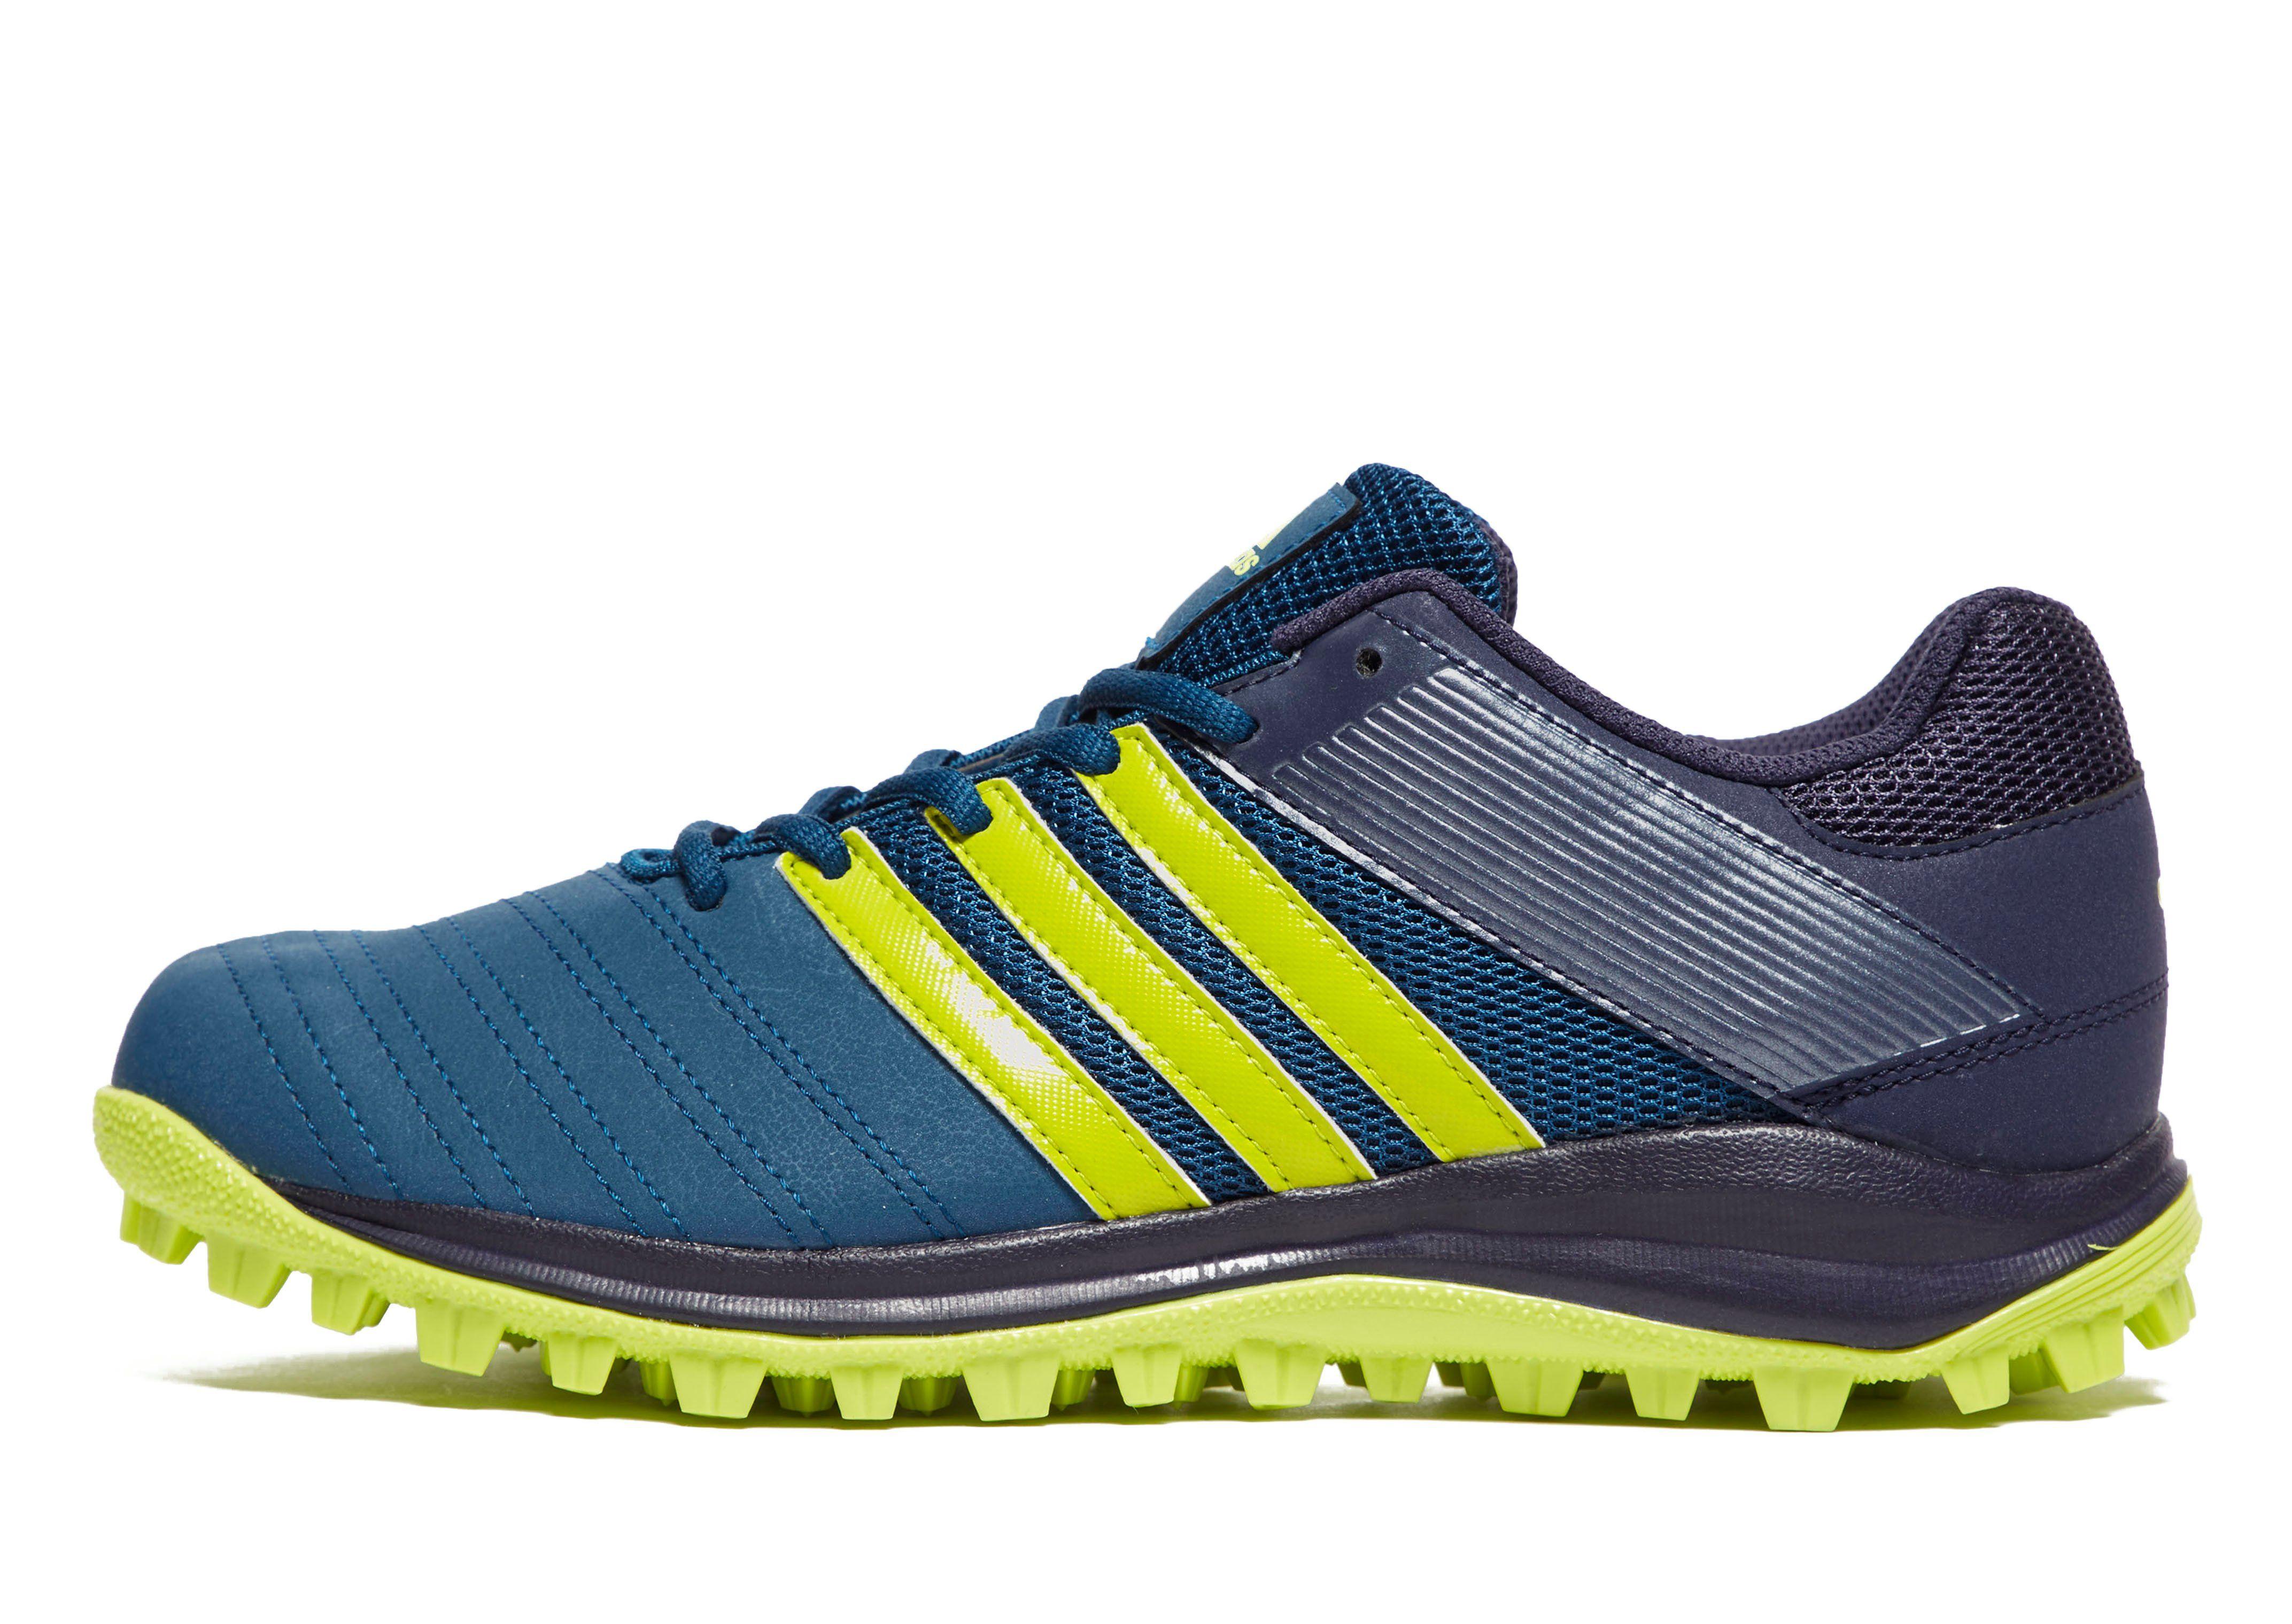 50% de descuento de adidas SRS 4 Hockey JD Shoes 11758 JD Sports e25bde1 - allergistofbrug.website